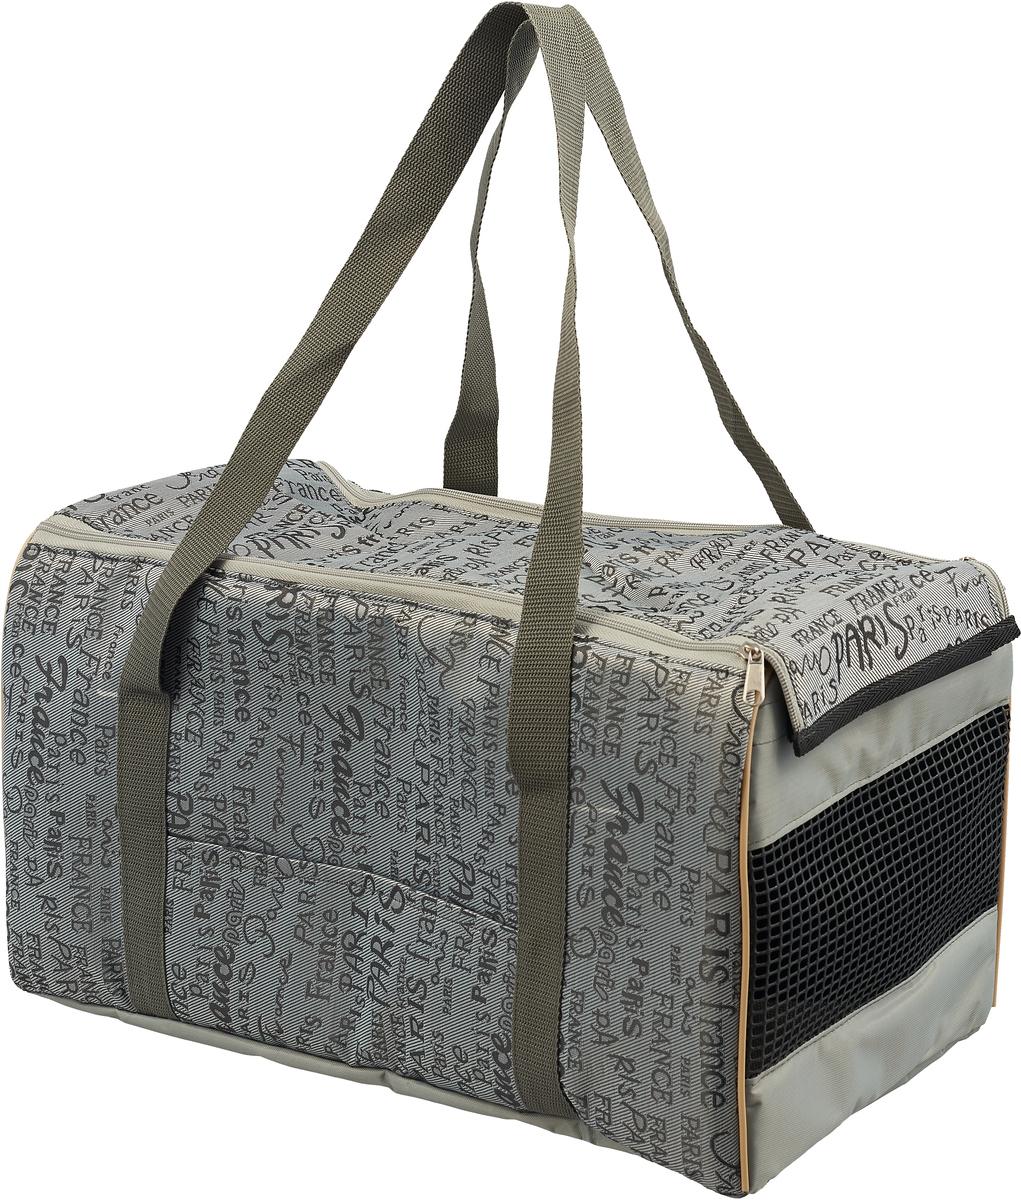 Сумка-переноска для животных Теремок, цвет: серый, 48 х 22 х 25 см сумка переноска для животных elite valley батискаф с отверстием для головы цвет темно синий черный 37 х 14 х 16 см